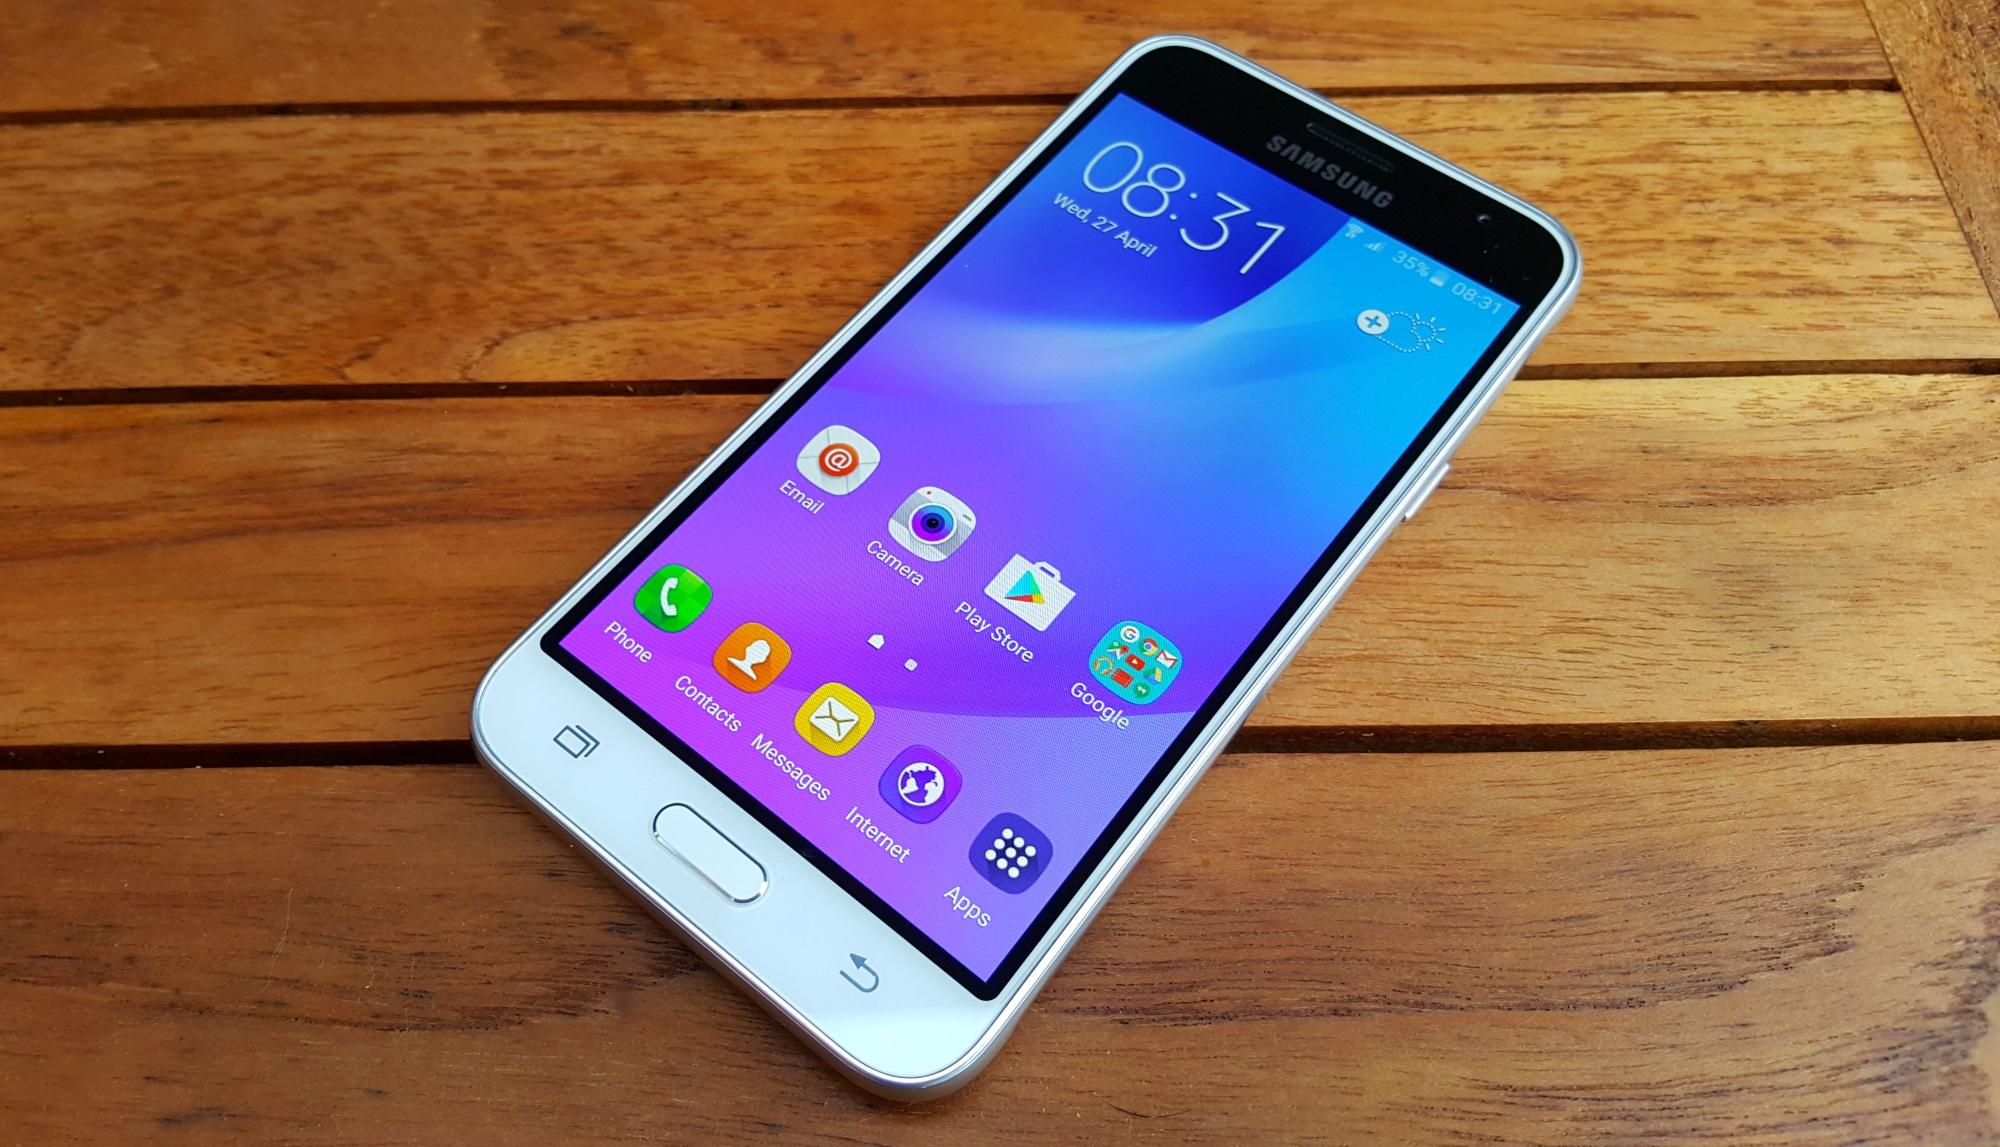 Samsung Galaxy J3 specyfikacja